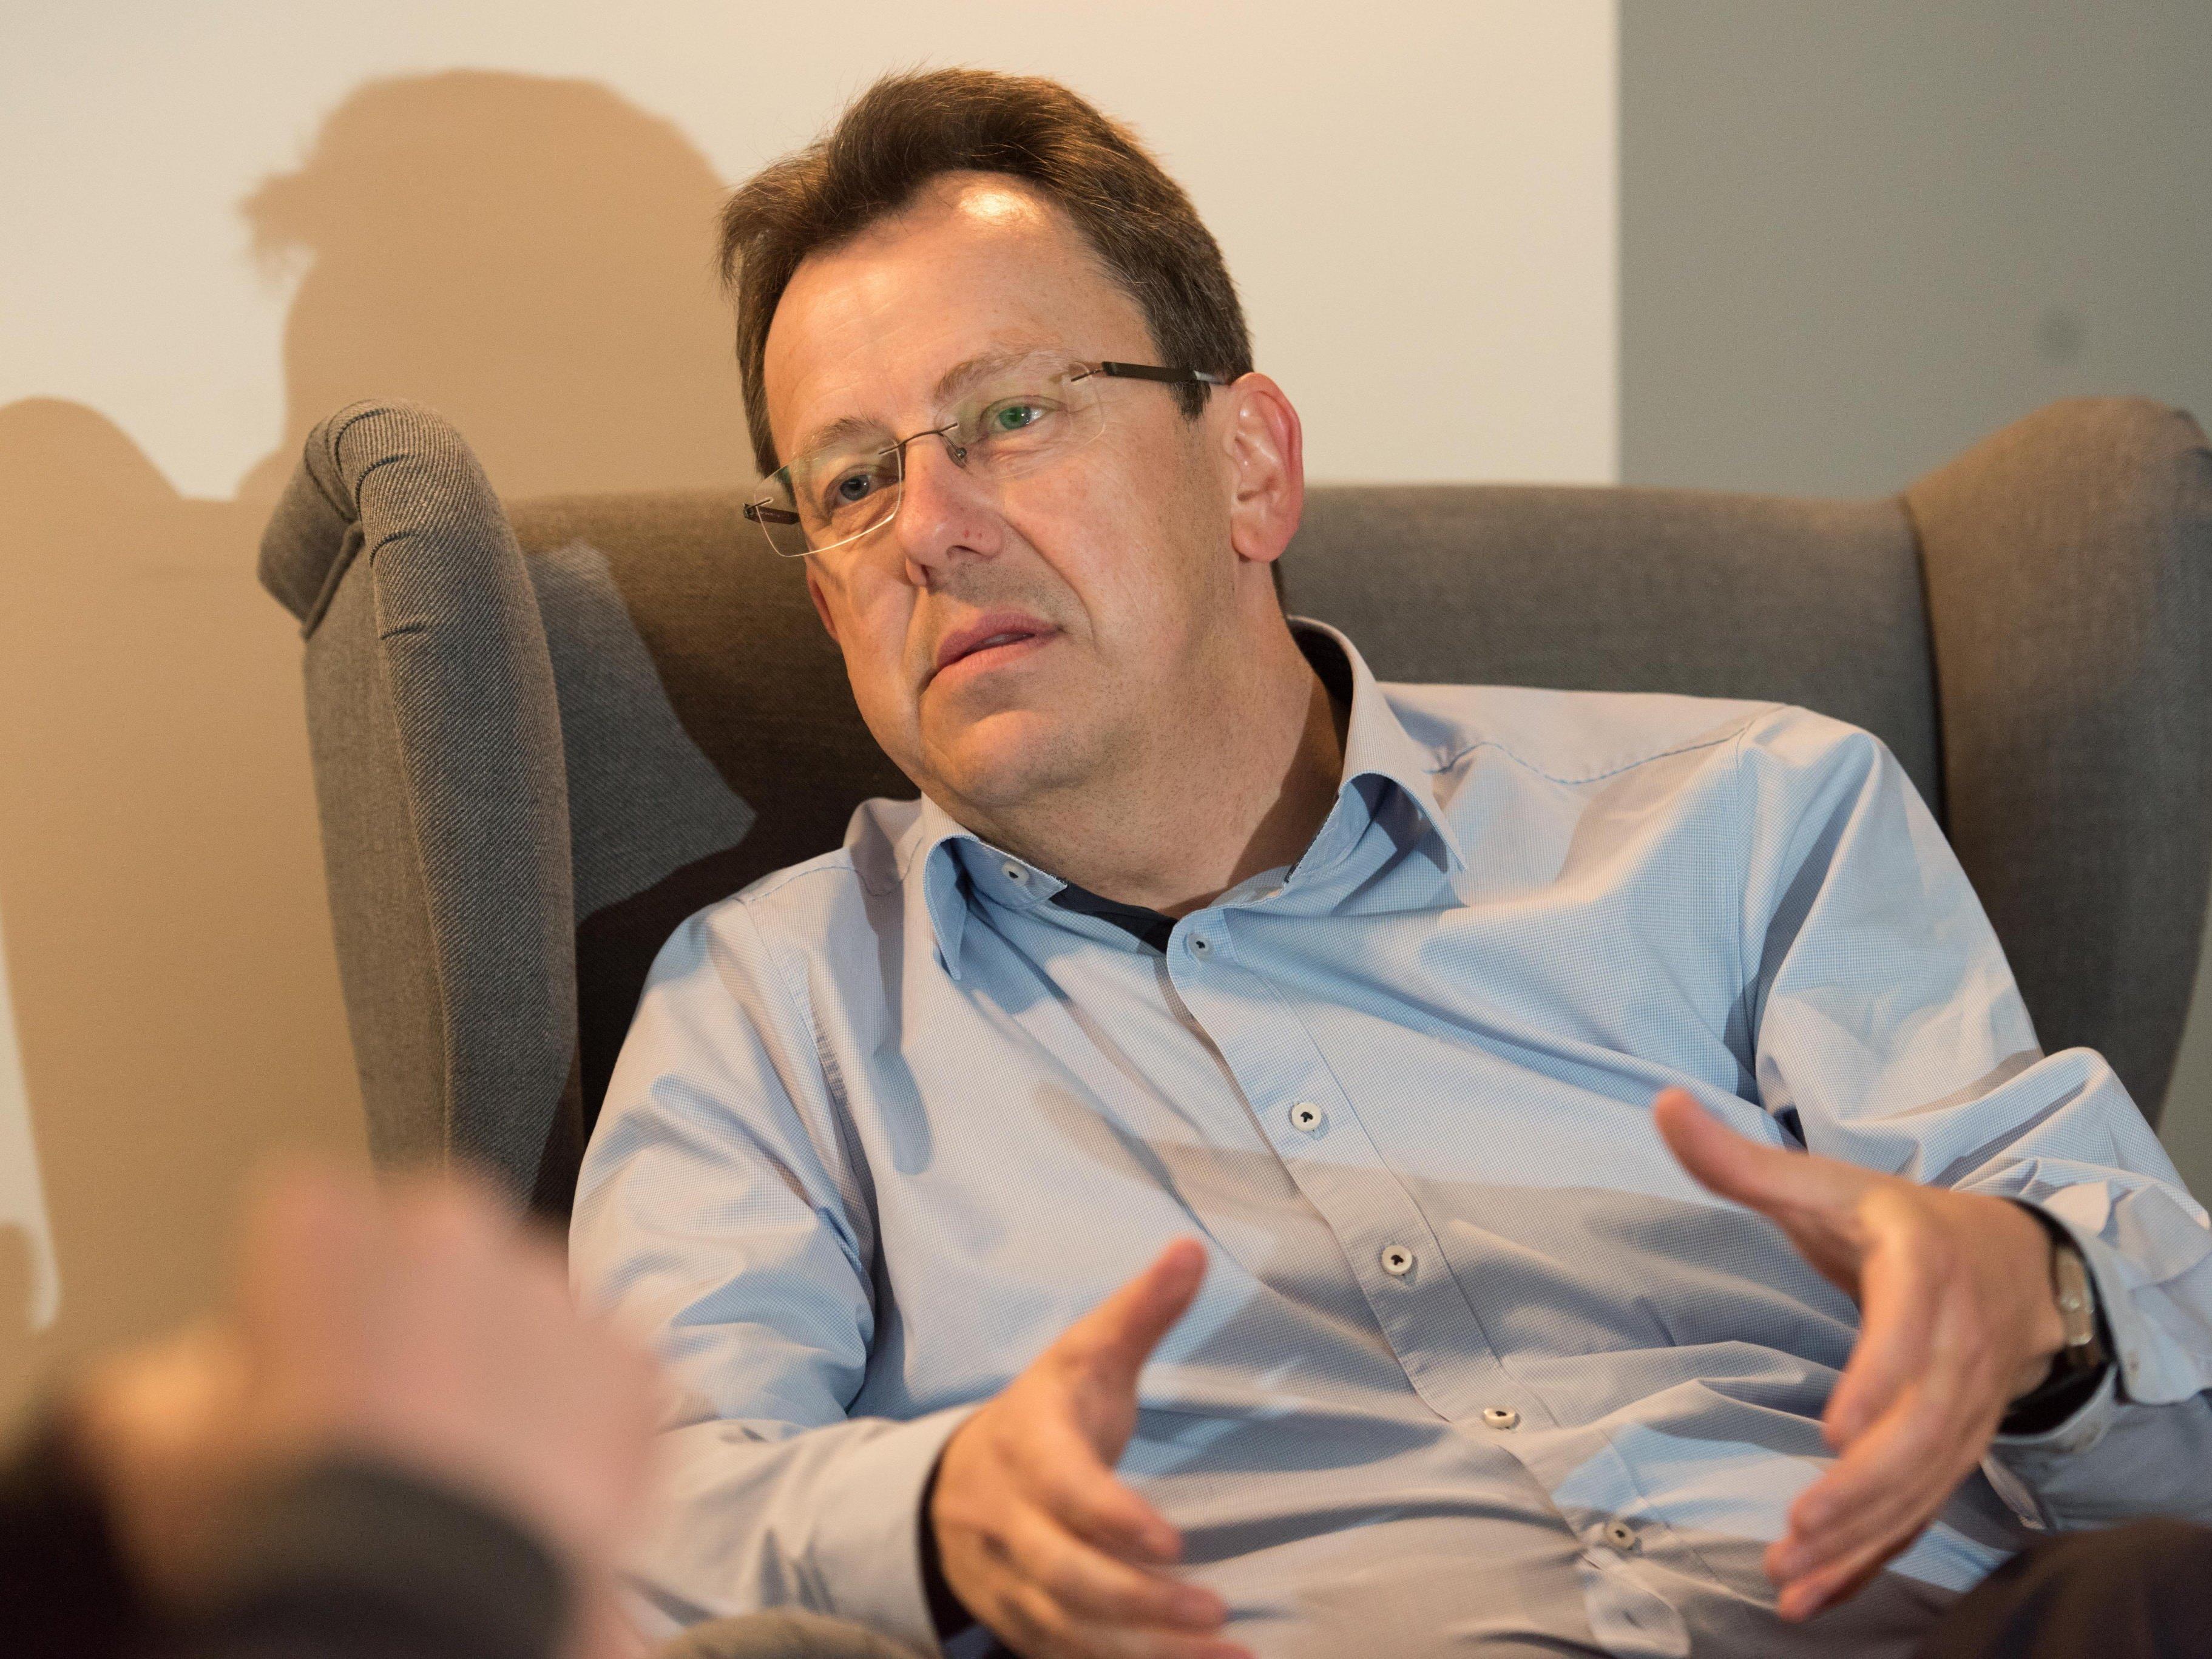 Wolfgang Frick ist überzeugt, dass die Gesellschaft eine Kehrtwende, weg von der Digitalisierung, vollziehen muss.